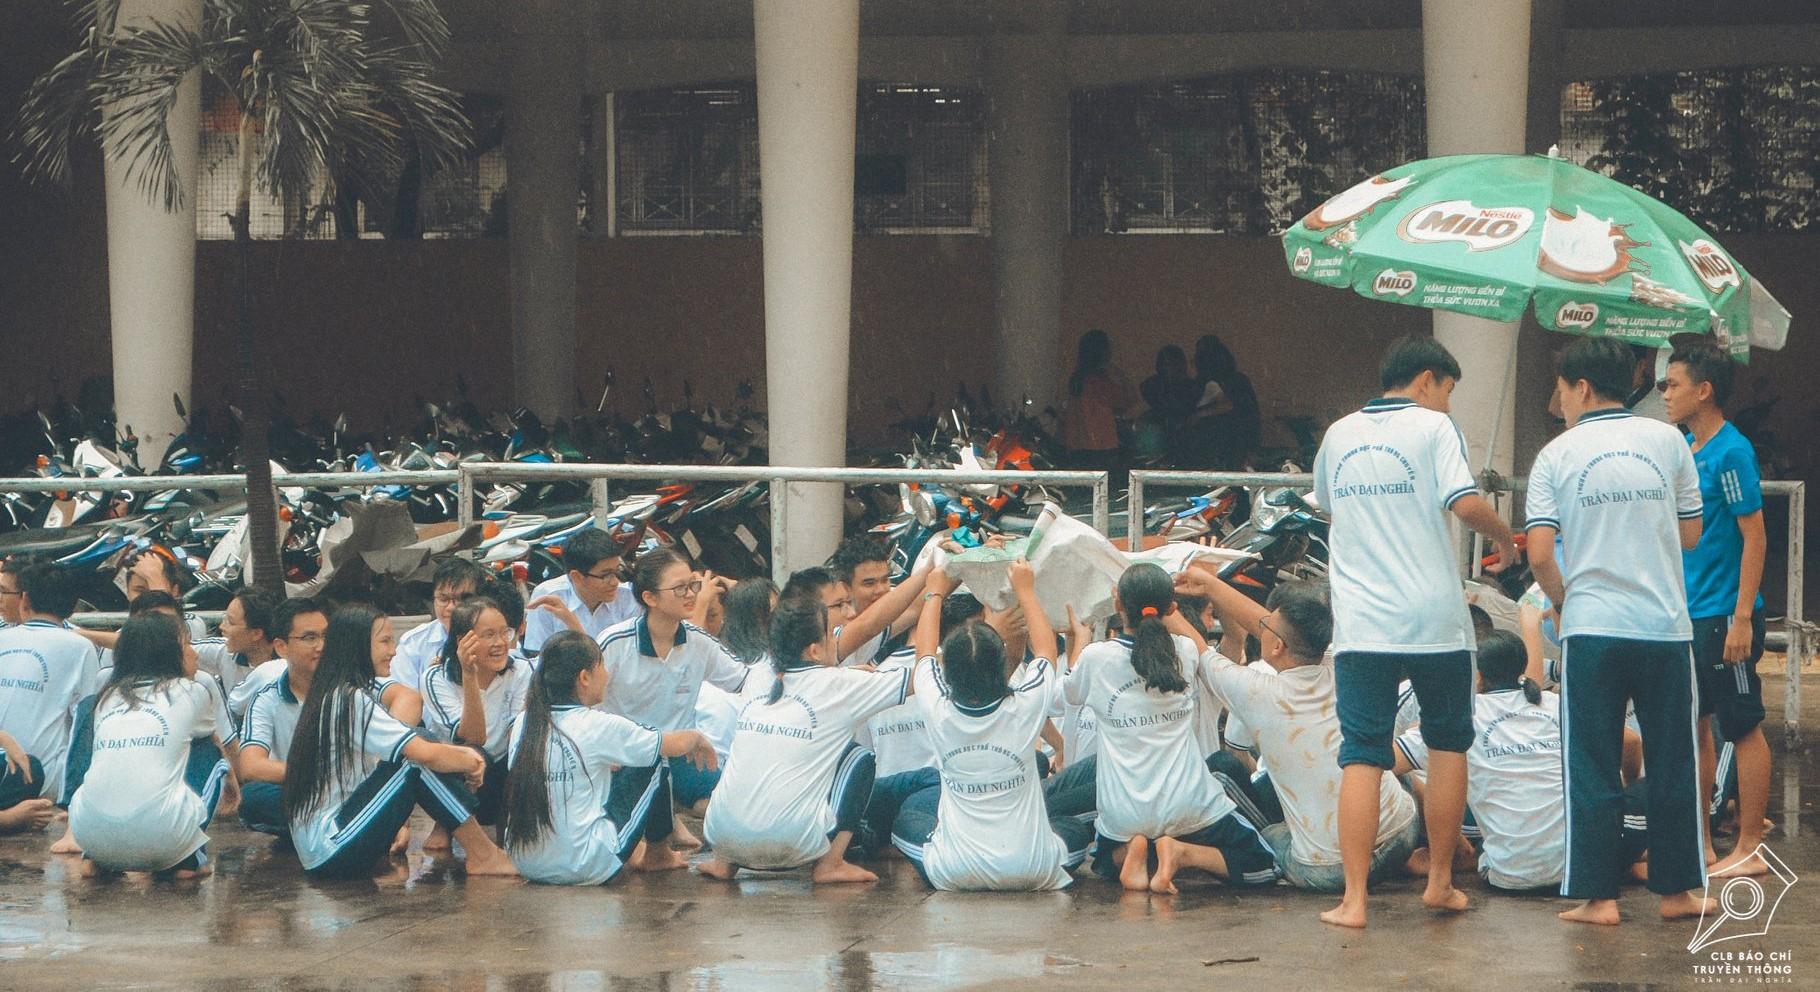 Ngôi trường trong mơ: Những ô cửa sổ sắc màu của trường THPT Chuyên Trần Đại Nghĩa ảnh 12